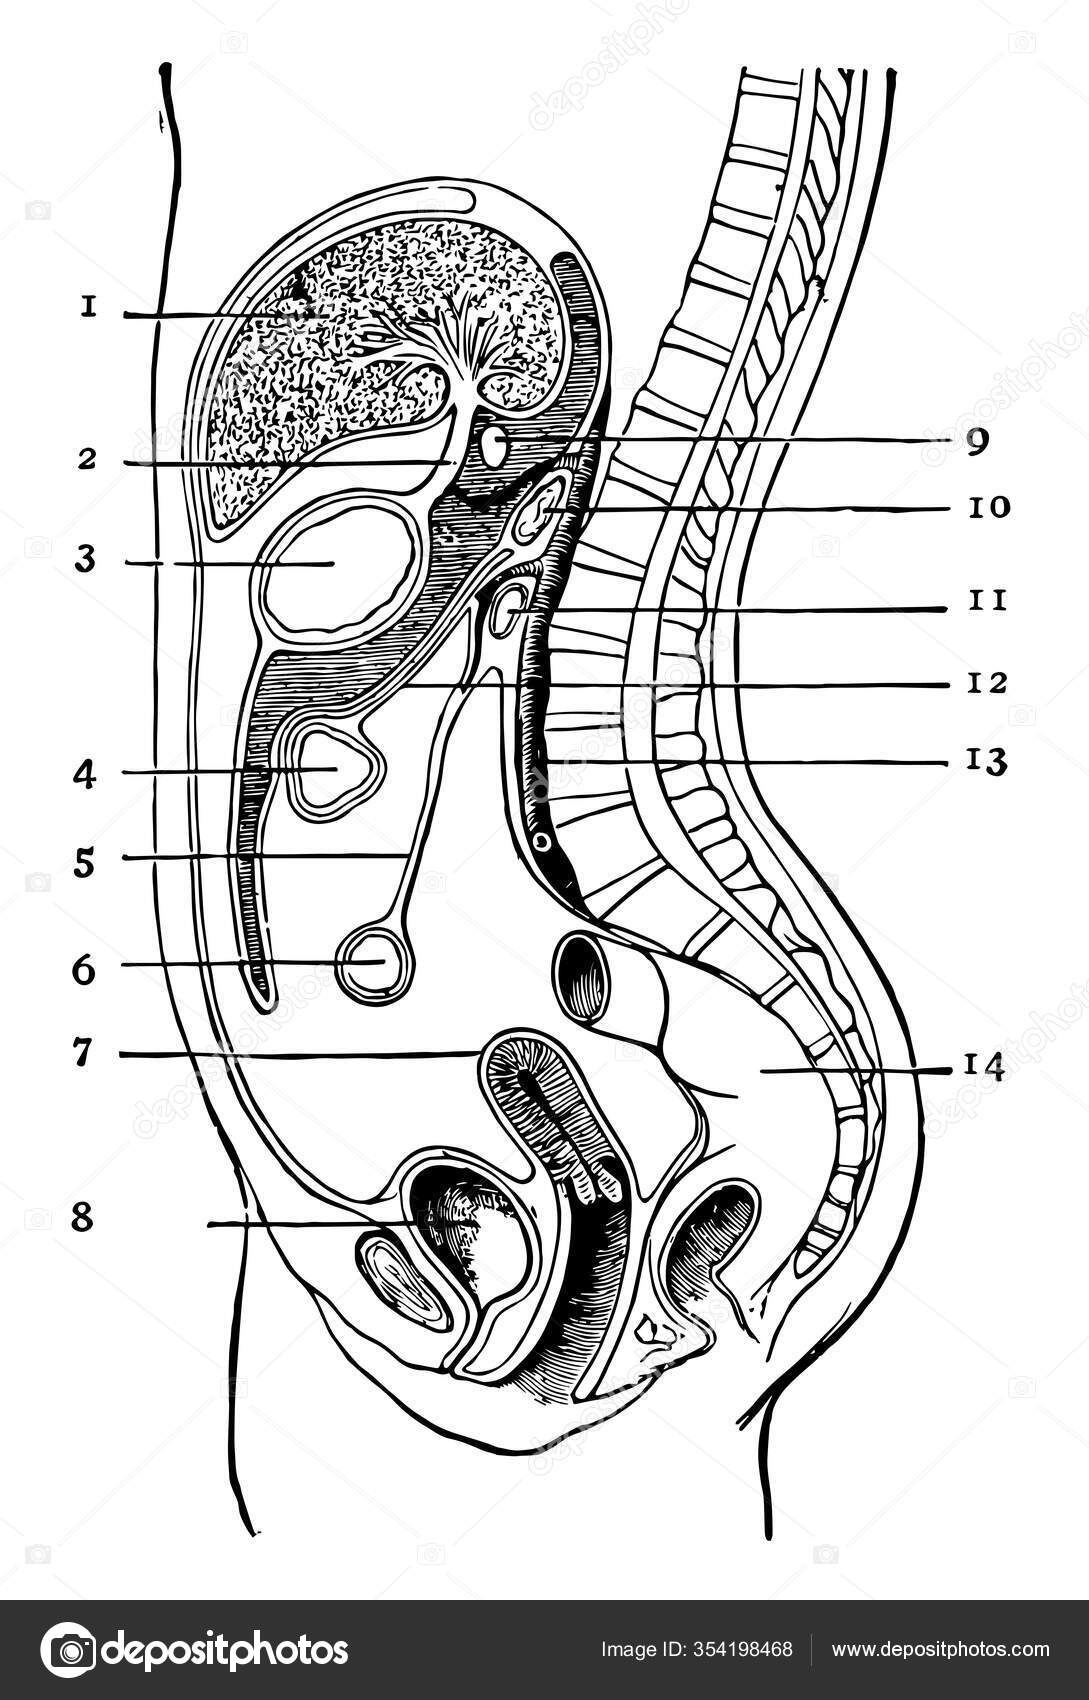 rák a peritoneális falban